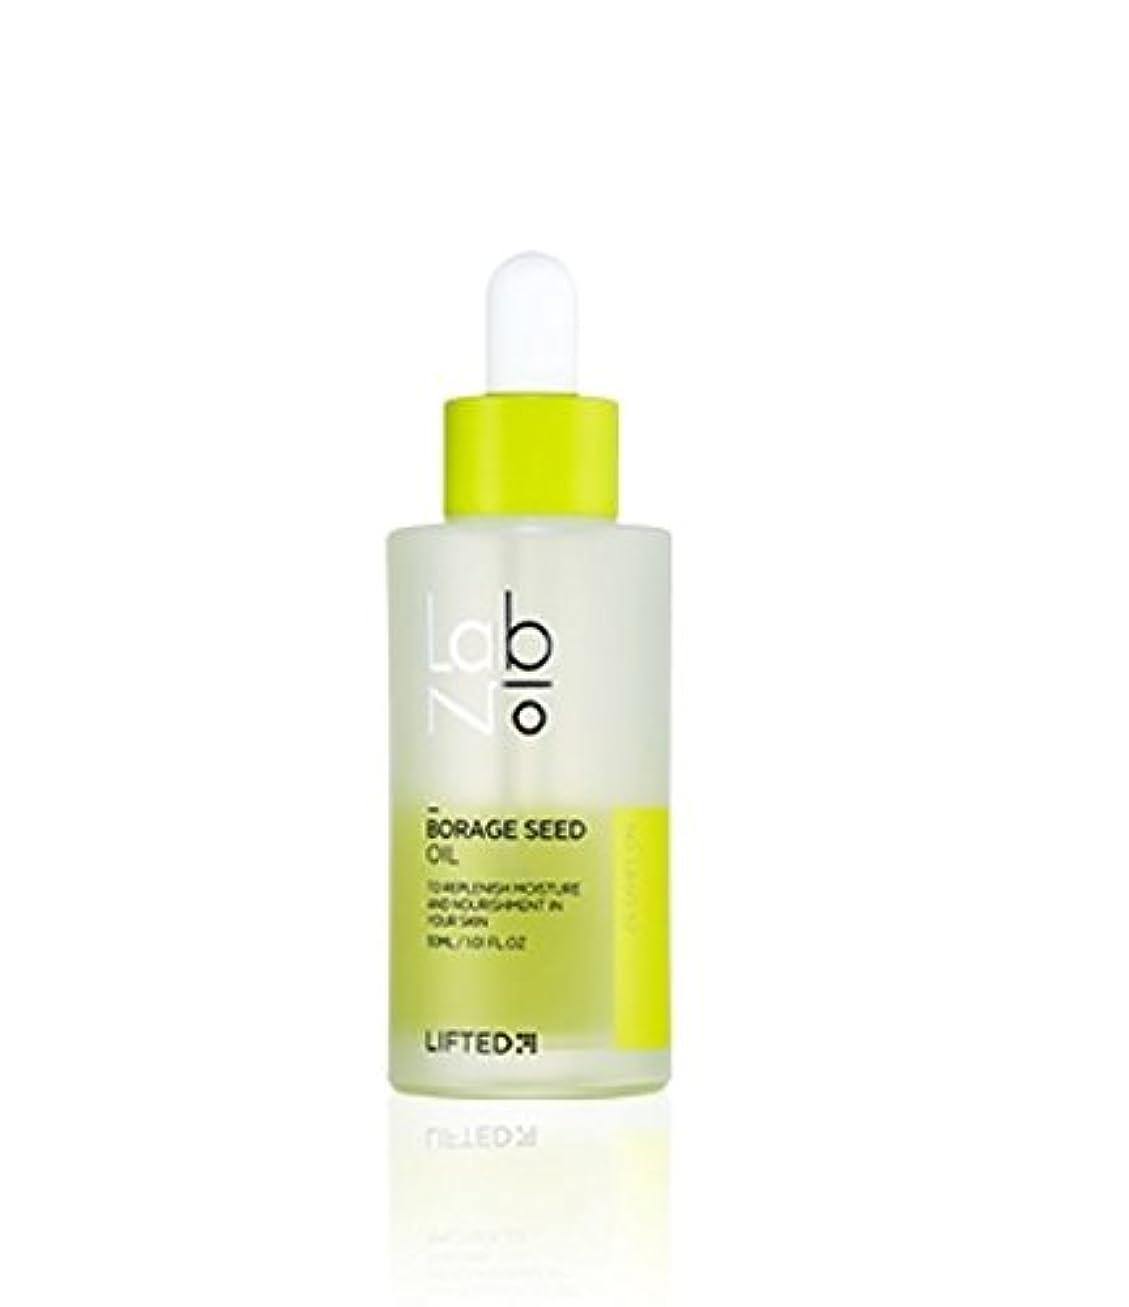 株式会社ストローパプアニューギニアLabNo リフティッド ボリジ シード オイル / Labno Lifted Borage Seed Oil (30ml) [並行輸入品]